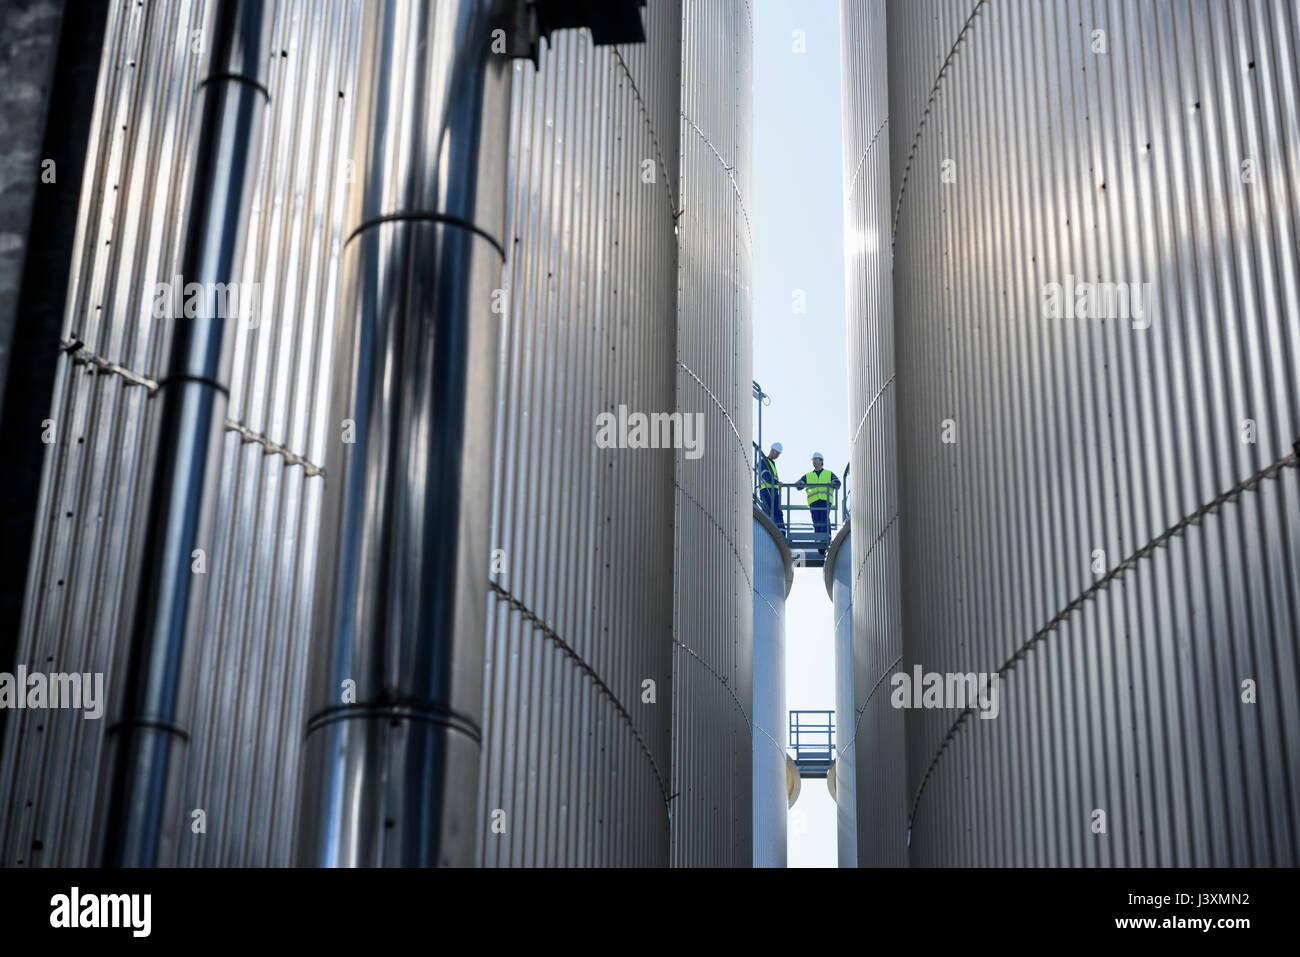 Arbeiter auf der Oberseite des Tanks in Öl mischen Factory Stockbild